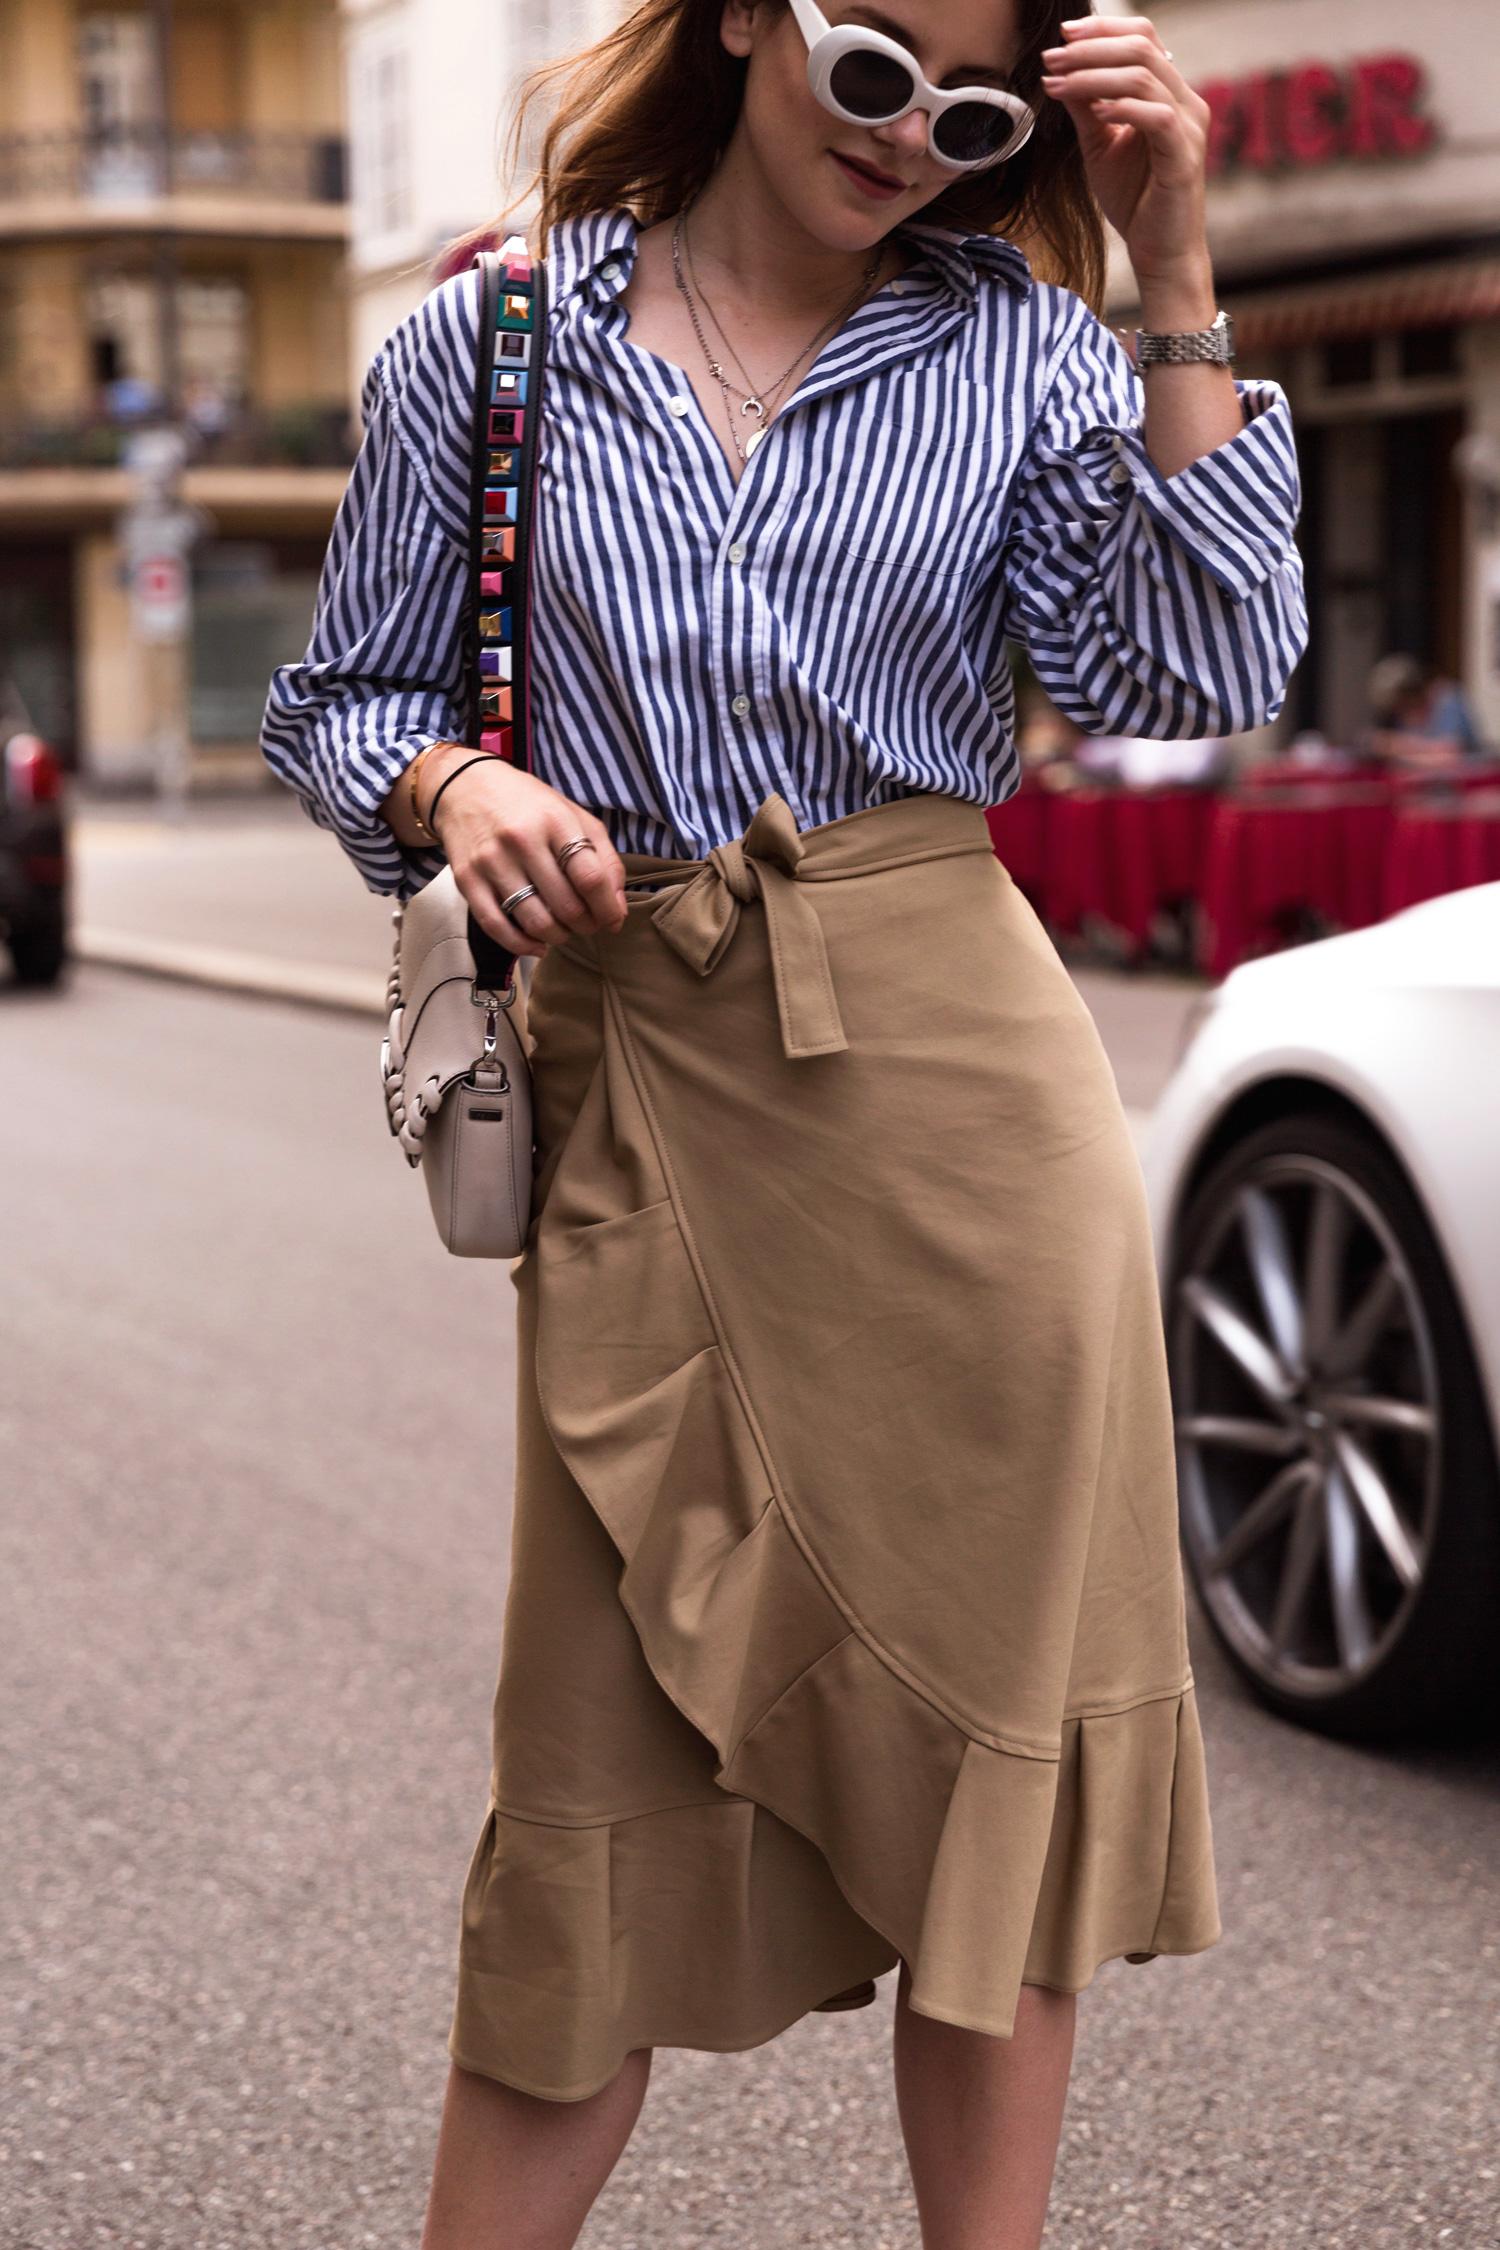 Áo sơ mi, chân váy midi cùng kính mát retro là một gợi ý hay ho cho những cô nàng công sở. (Ảnh: The Fashion Fraction)